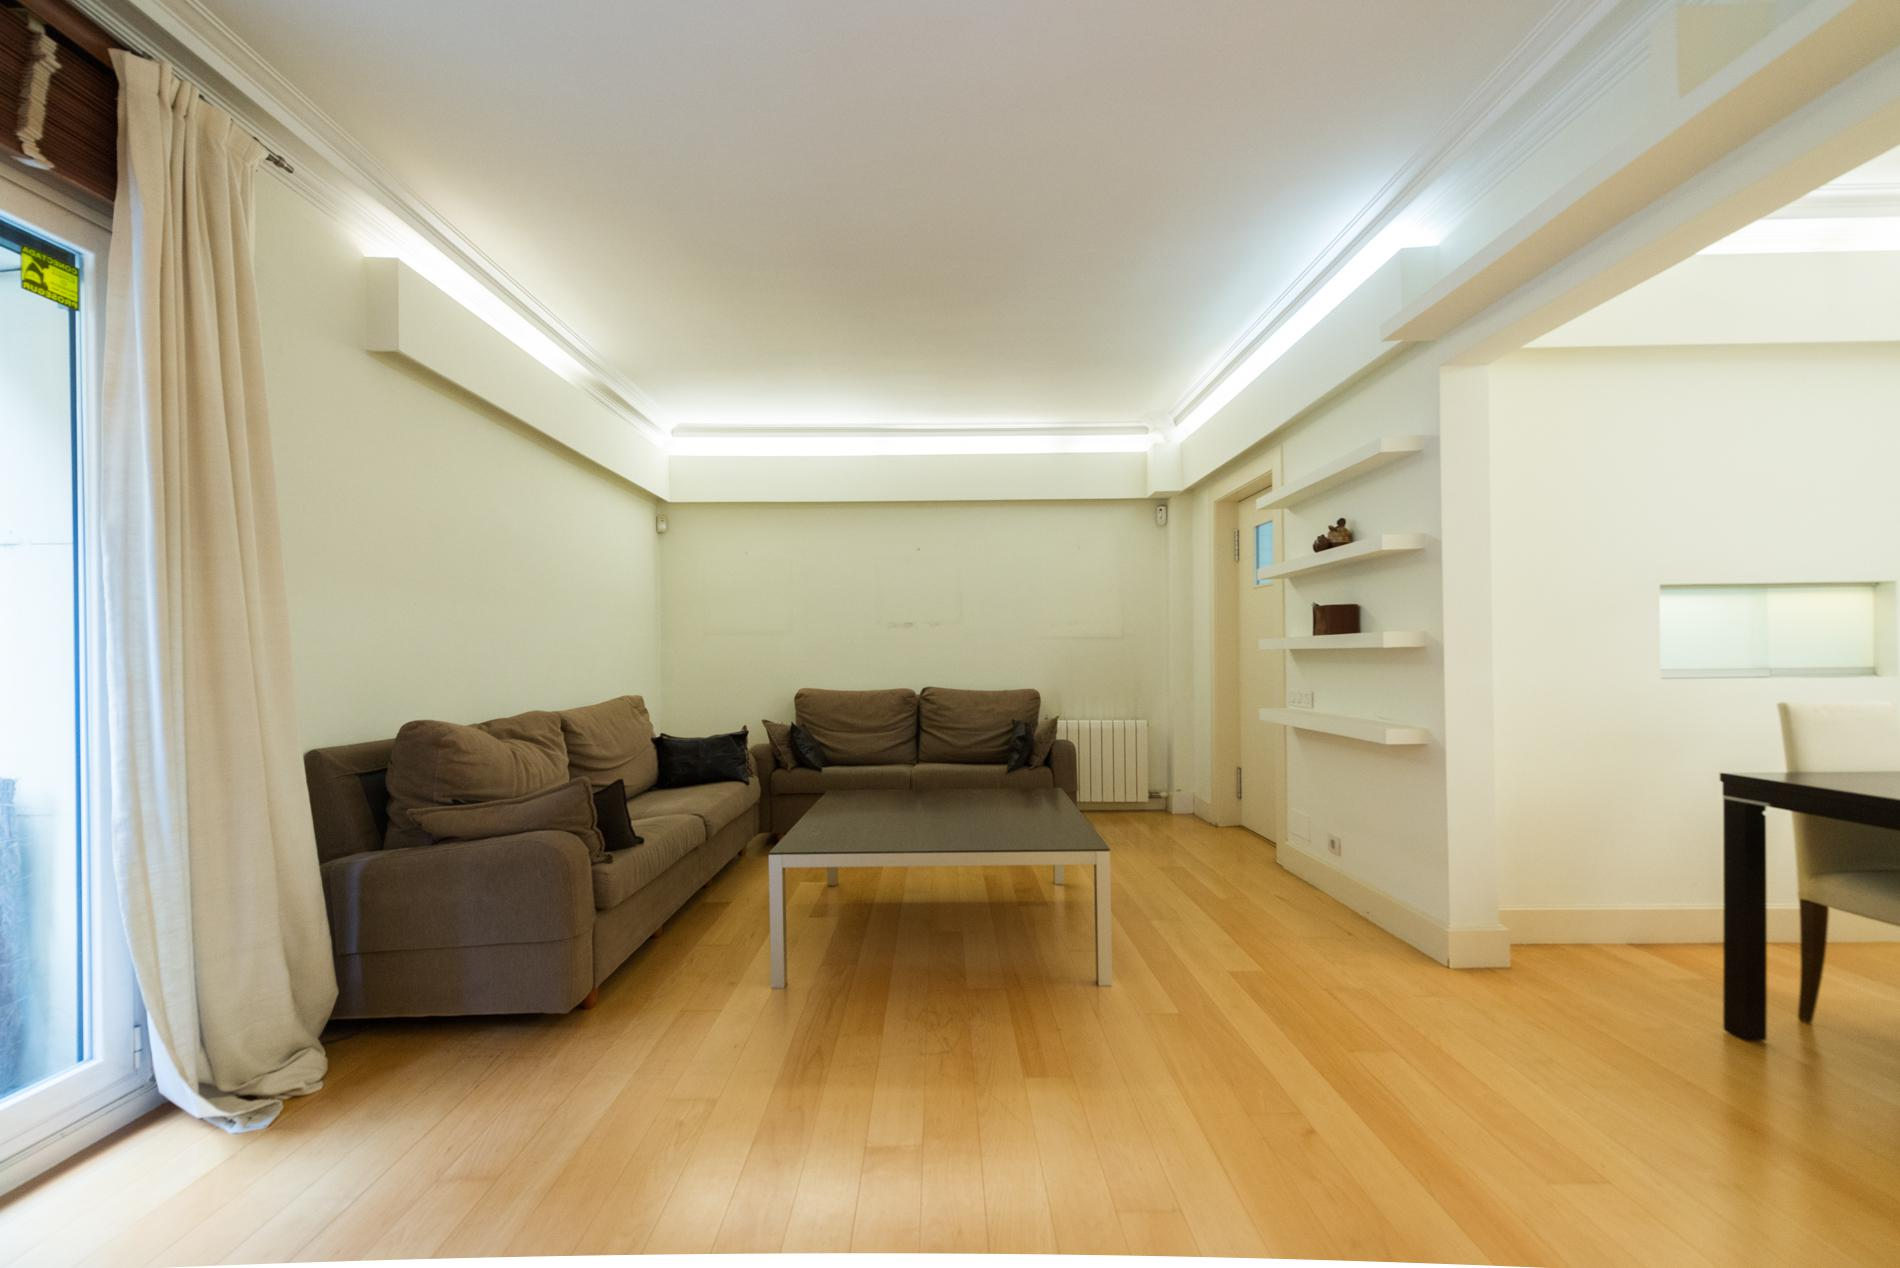 247761 Ground Floor for sale in Sarrià-Sant Gervasi, St. Gervasi-Bonanova 6